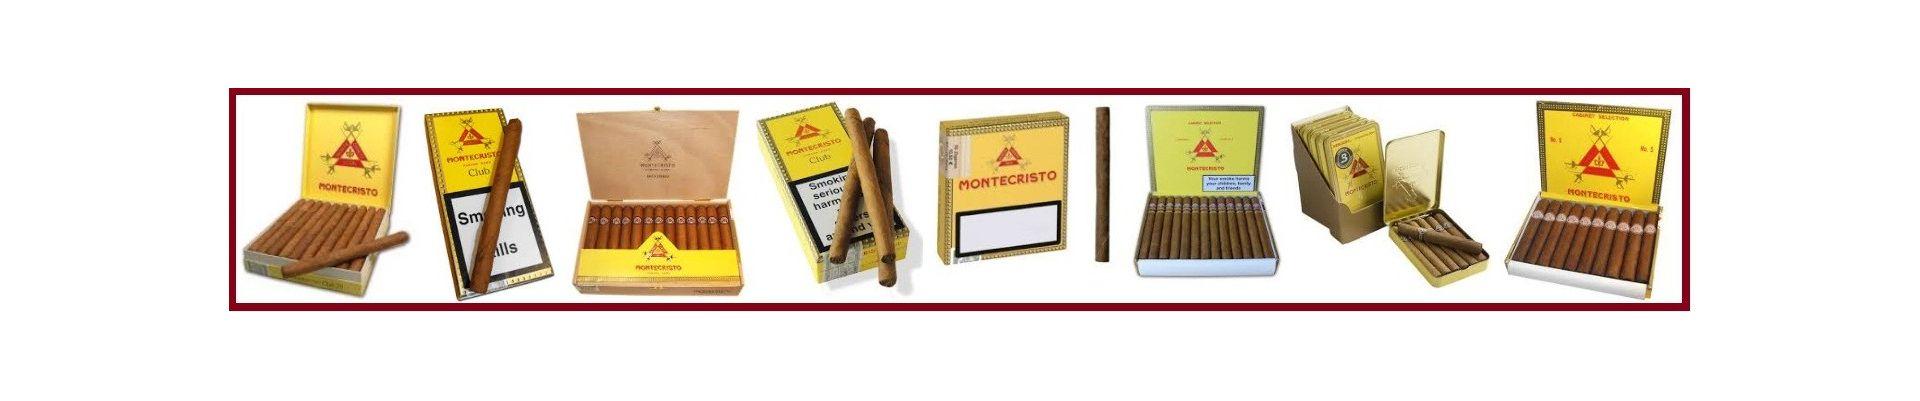 Tigari de foi Montecristo. Montecristo club montecristo mini magazin tigair de foi montecristo